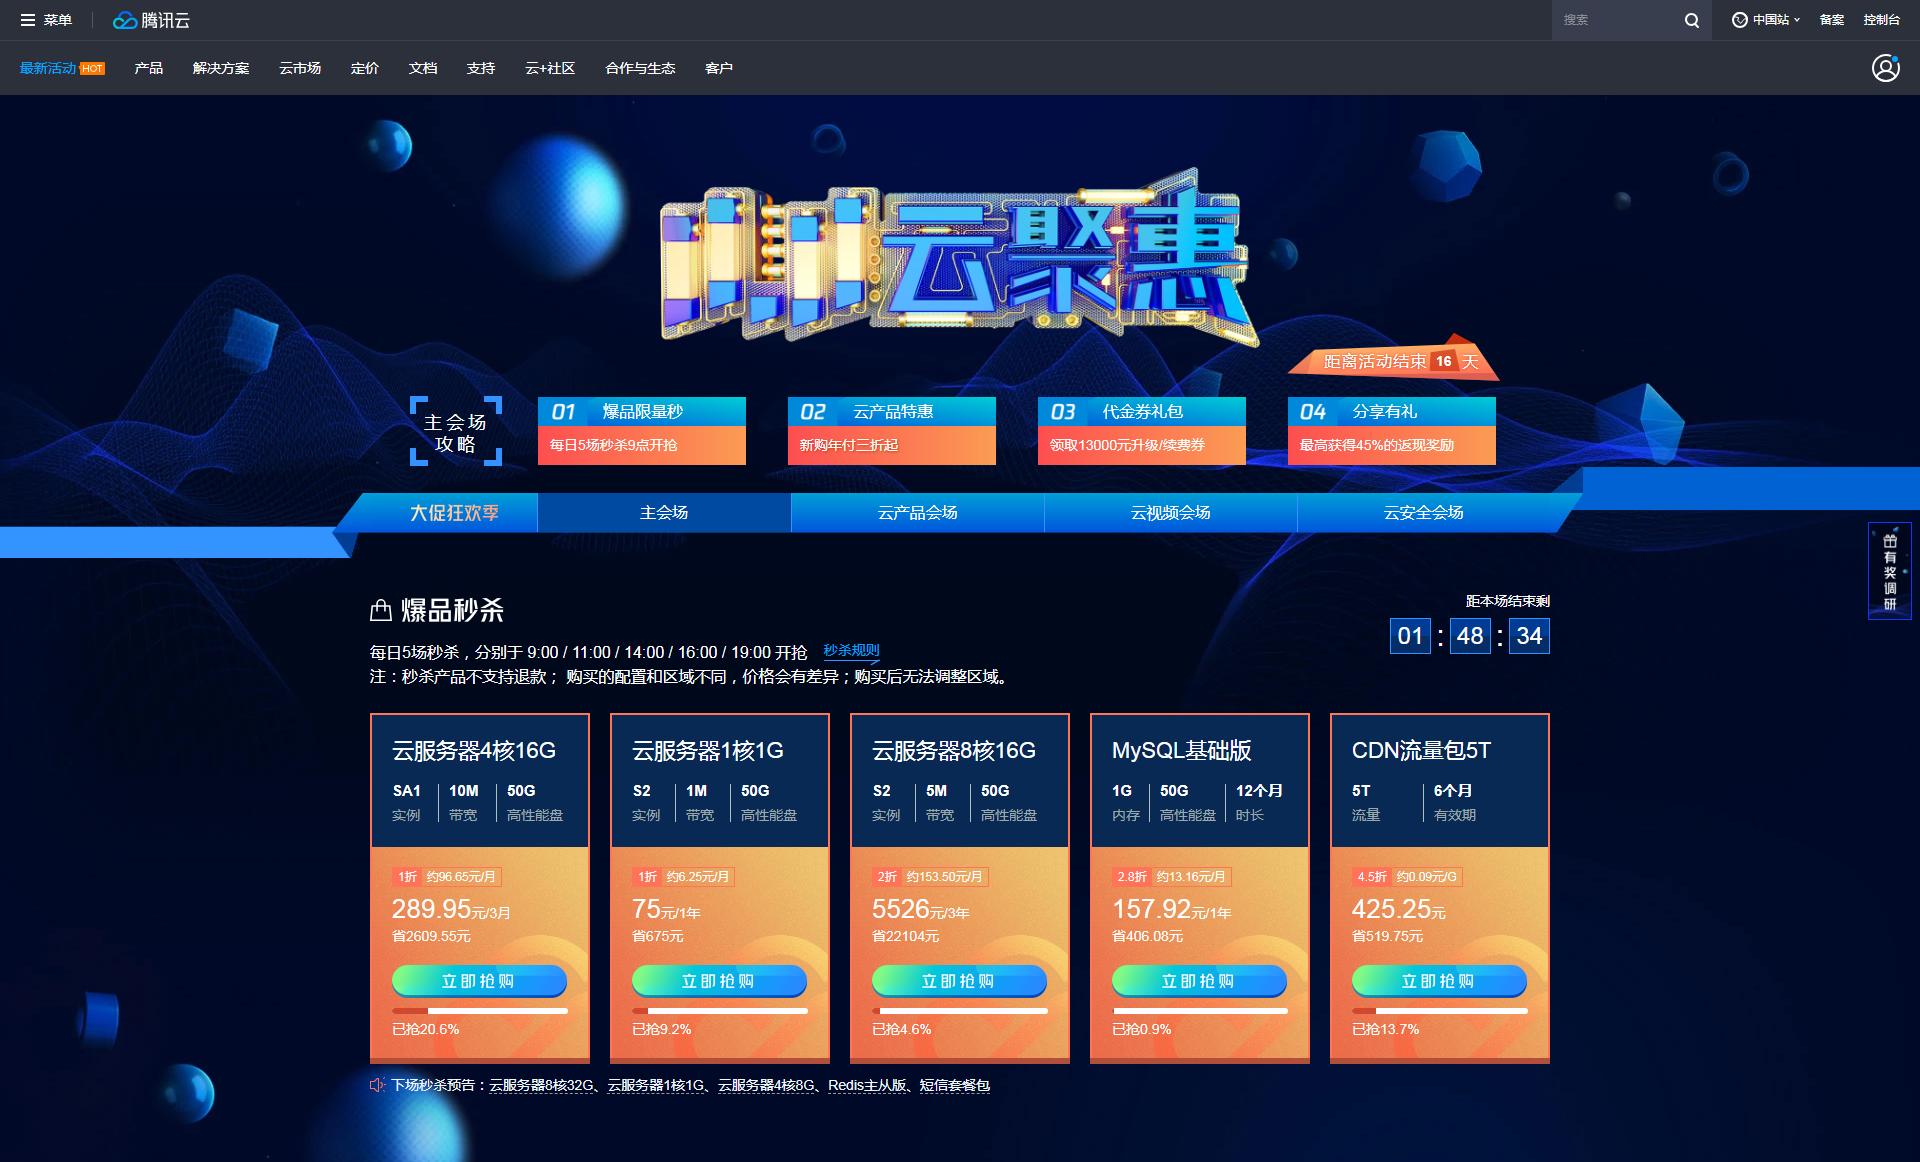 腾讯云服务器75元/年,折合6.25元/月,优惠价格